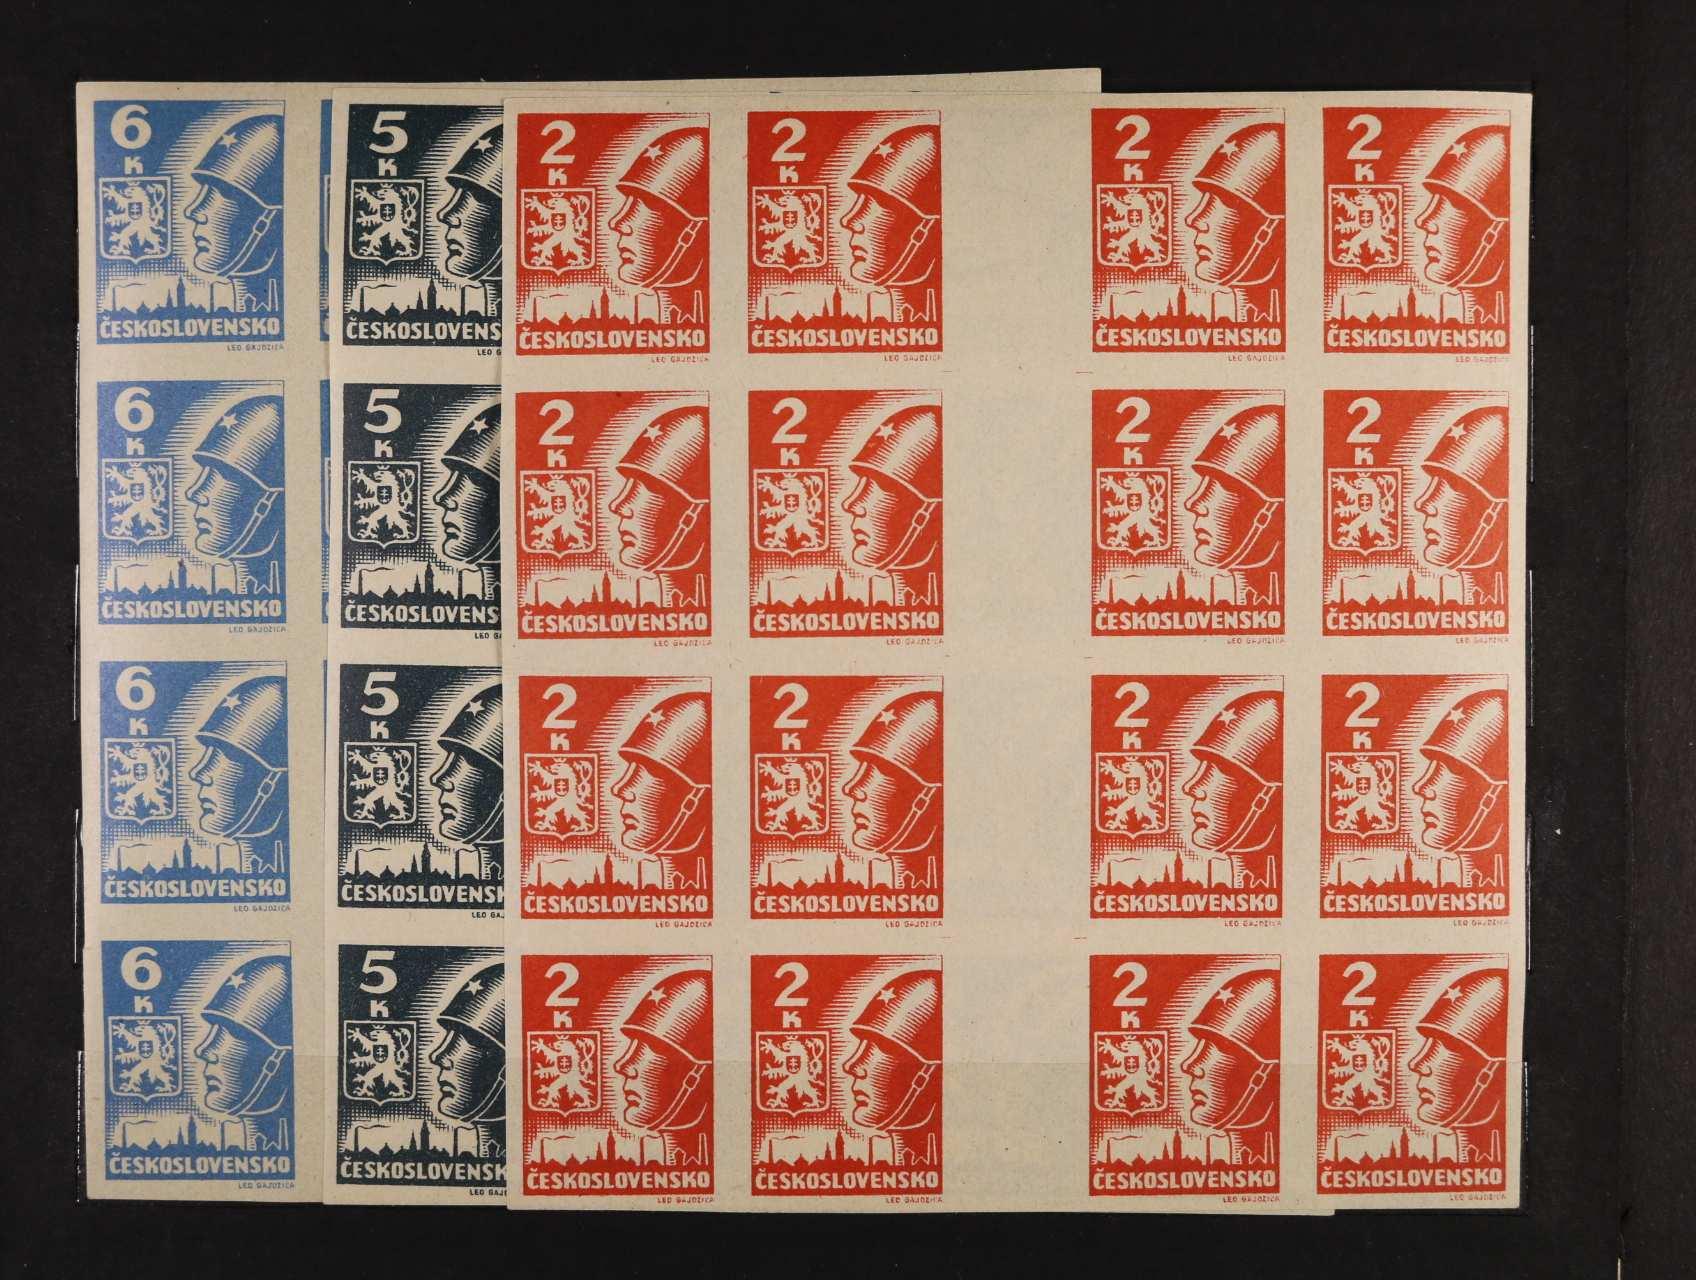 zn. č. 354 Mv, 355a Mv, 356b Mv - čtyřzn. meziarší vodorovná ve čtyřpáskách, velmi pěkné odstíny barev, zn. ve větších blocích vzácné, kat. cena 10600 Kč